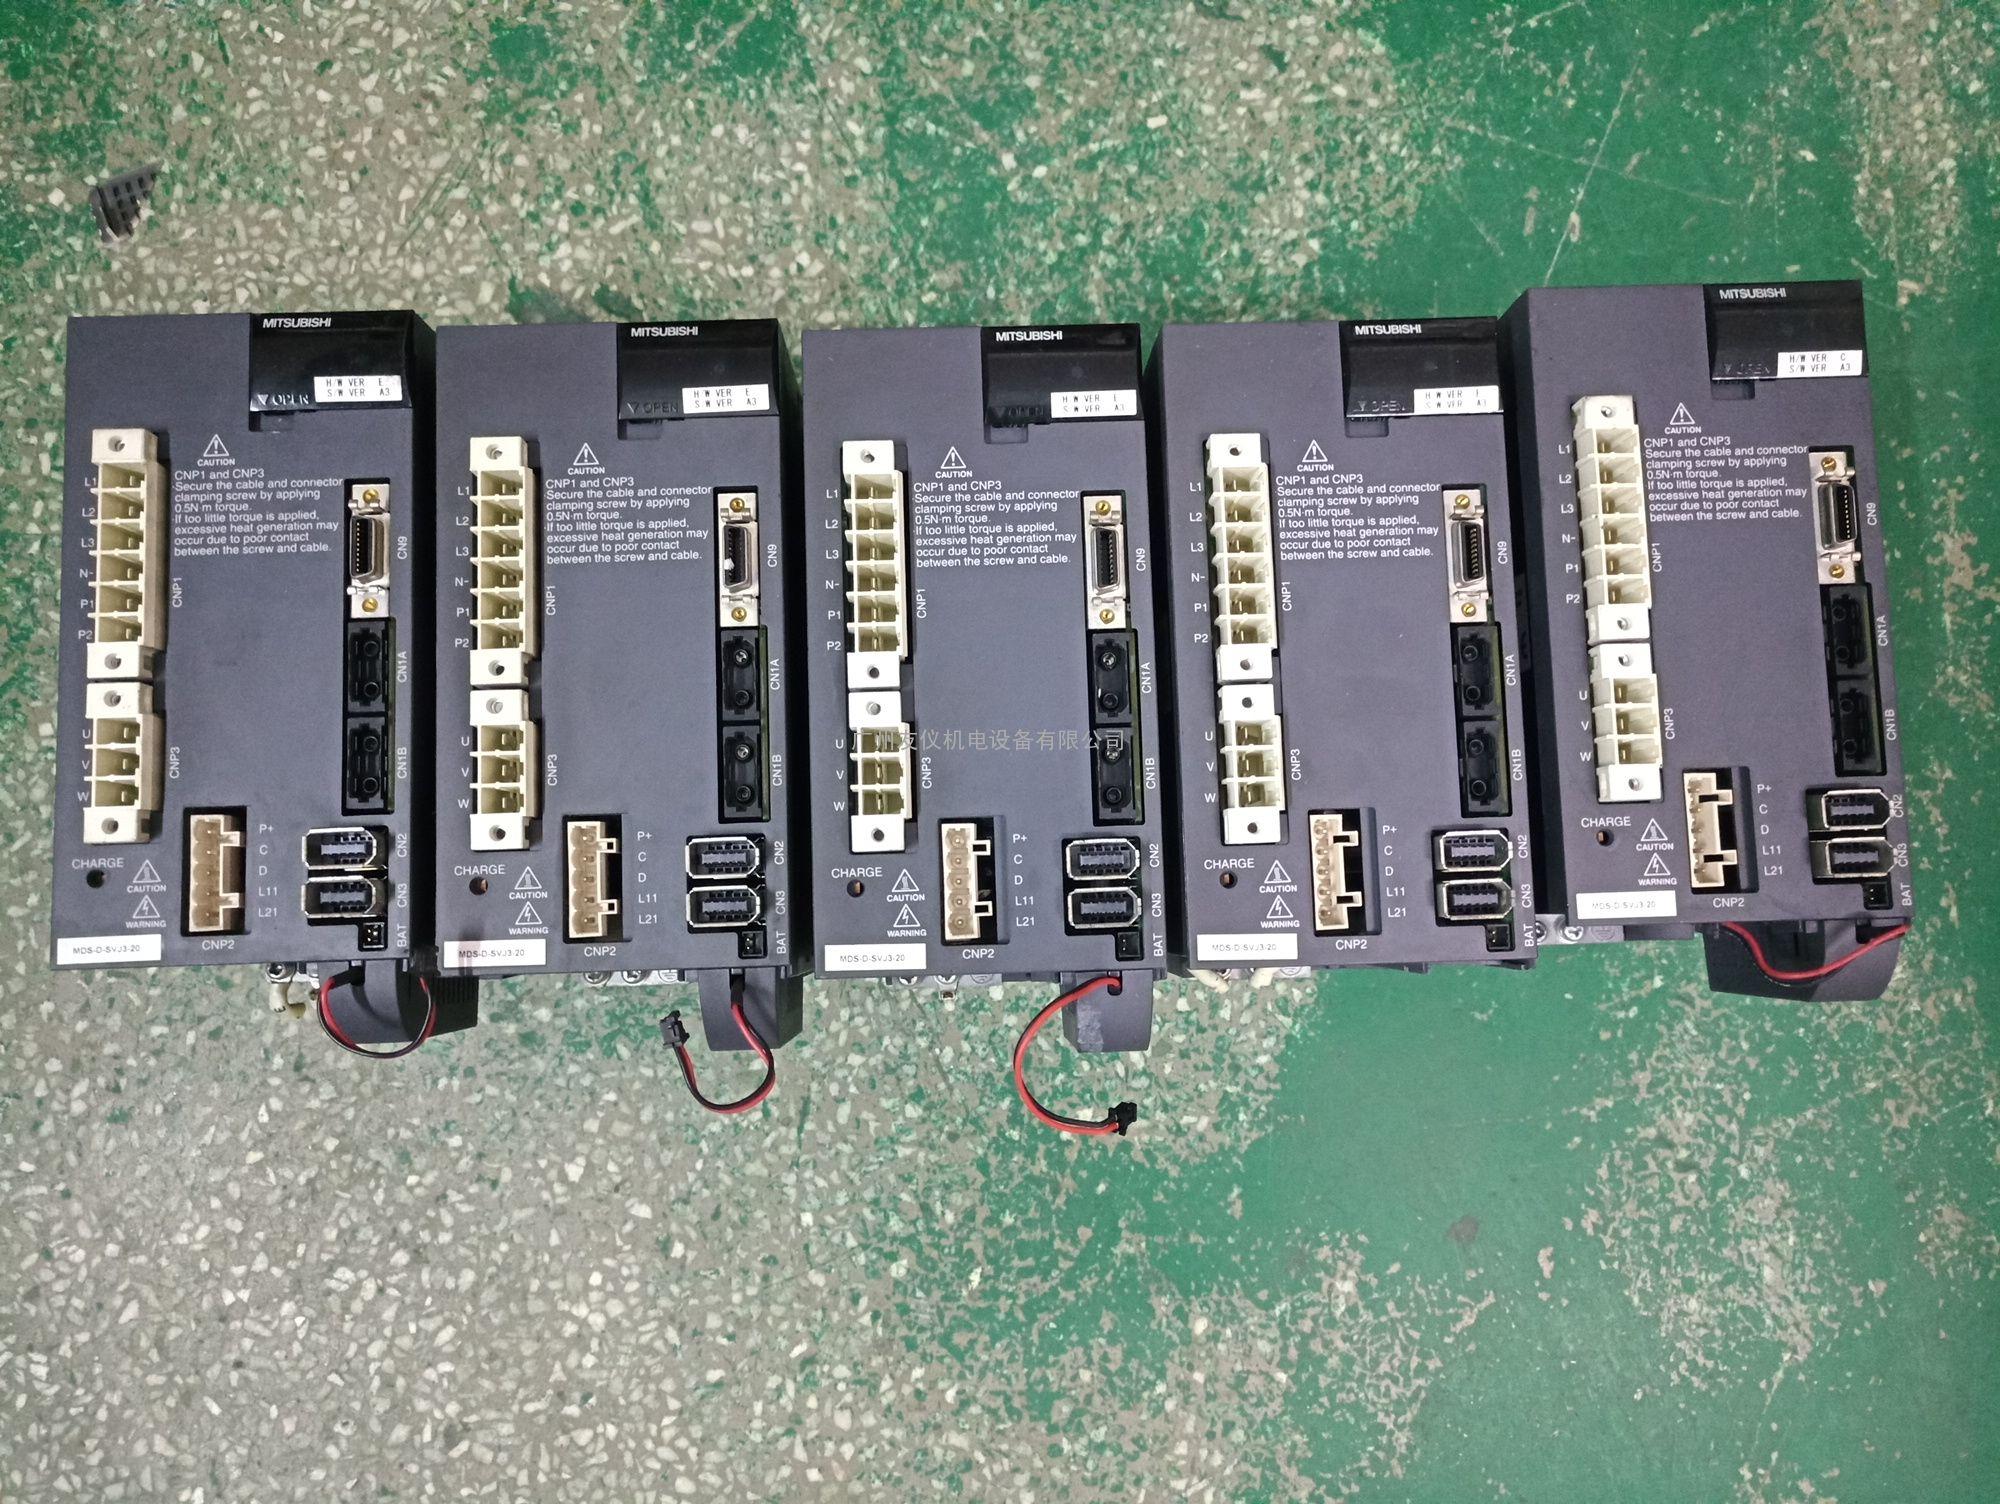 力士乐驱动器HCS02.1E-W0028-A-03-NNNV售后维修中心